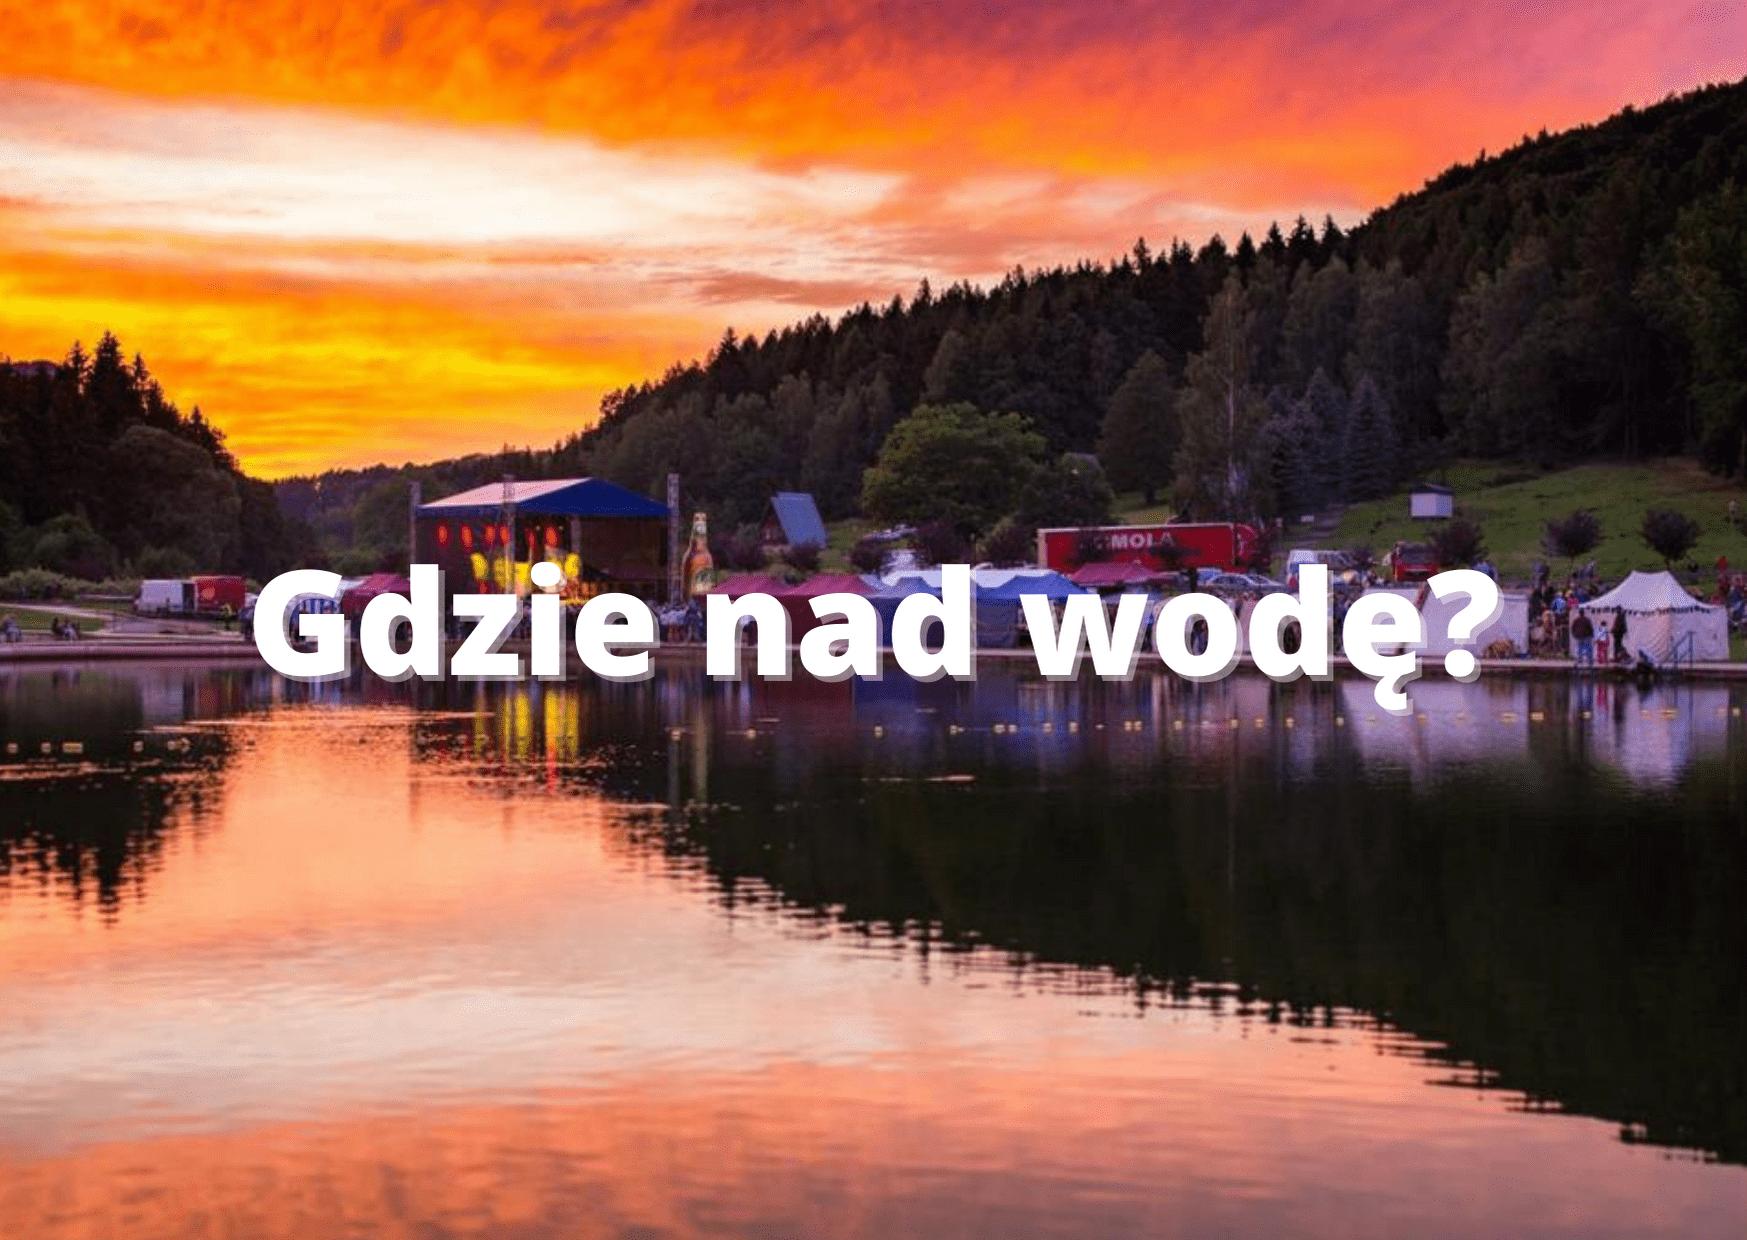 Powiat Ząbkowicki: Gdzie nad wodę? - Zdjęcie główne